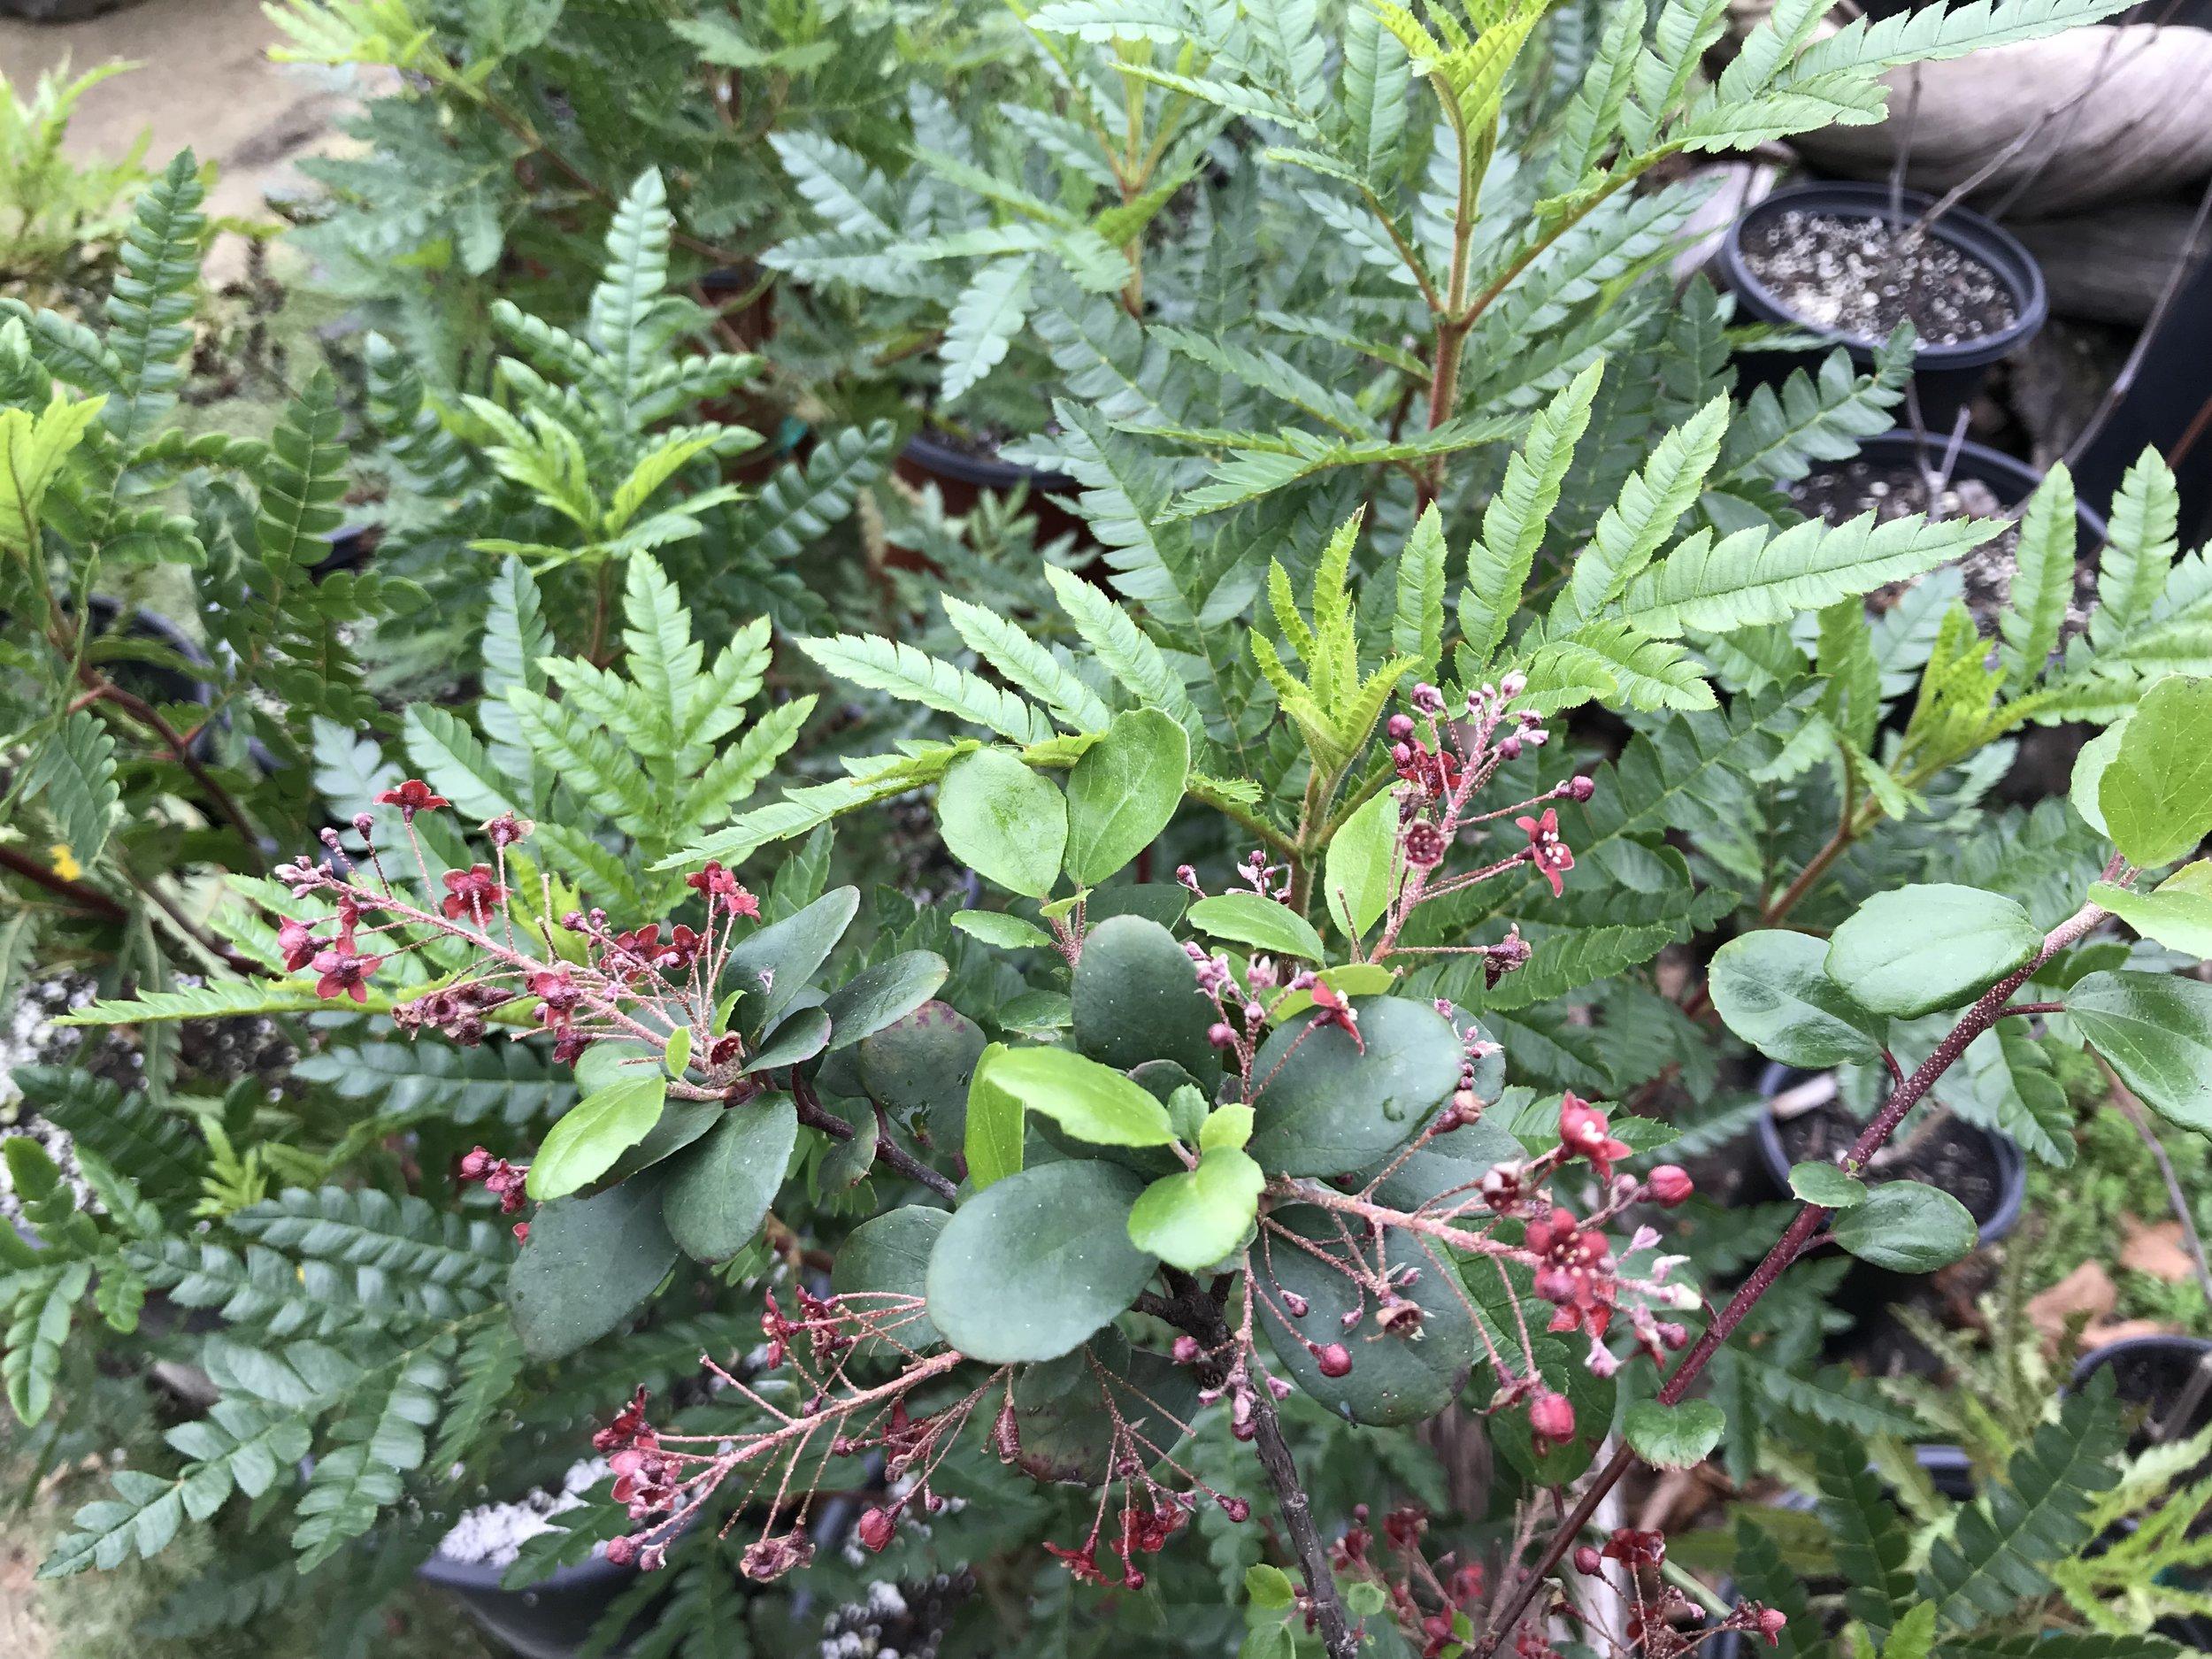 Lyonothamnus floribundus asplenifolius 'Catalina Ironwood' & Ribes viburnifolium 'Catalina Currant'